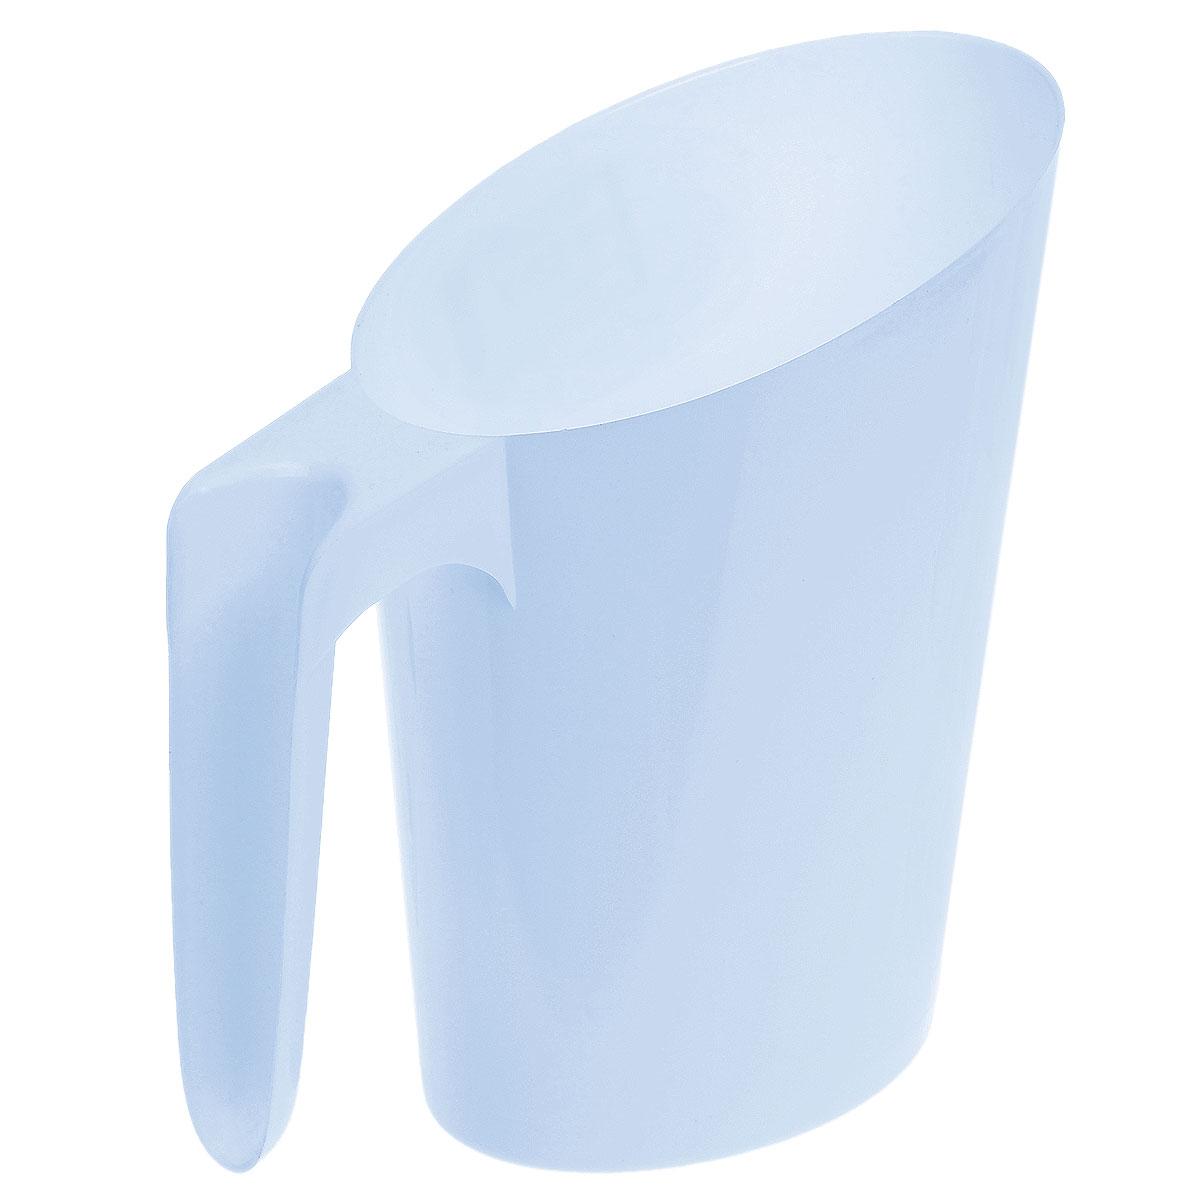 Кувшин-подставка для молочного пакета Idea, цвет: голубойVT-1520(SR)Кувшин-подставка для молочного пакета Idea изготовлен из высококачественного пищевого полипропилена (пластика). Изделие предназначено для хранения пакетов с кефиром и молоком, что очень удобно, так как такие пакеты всегда протекают и их очень неудобно хранить. Кувшин-подставка с легкостью решит эту проблему. Изделие практичное, функциональное, имеет стильный современный дизайн. Поверхность гладкая, легко чистится.